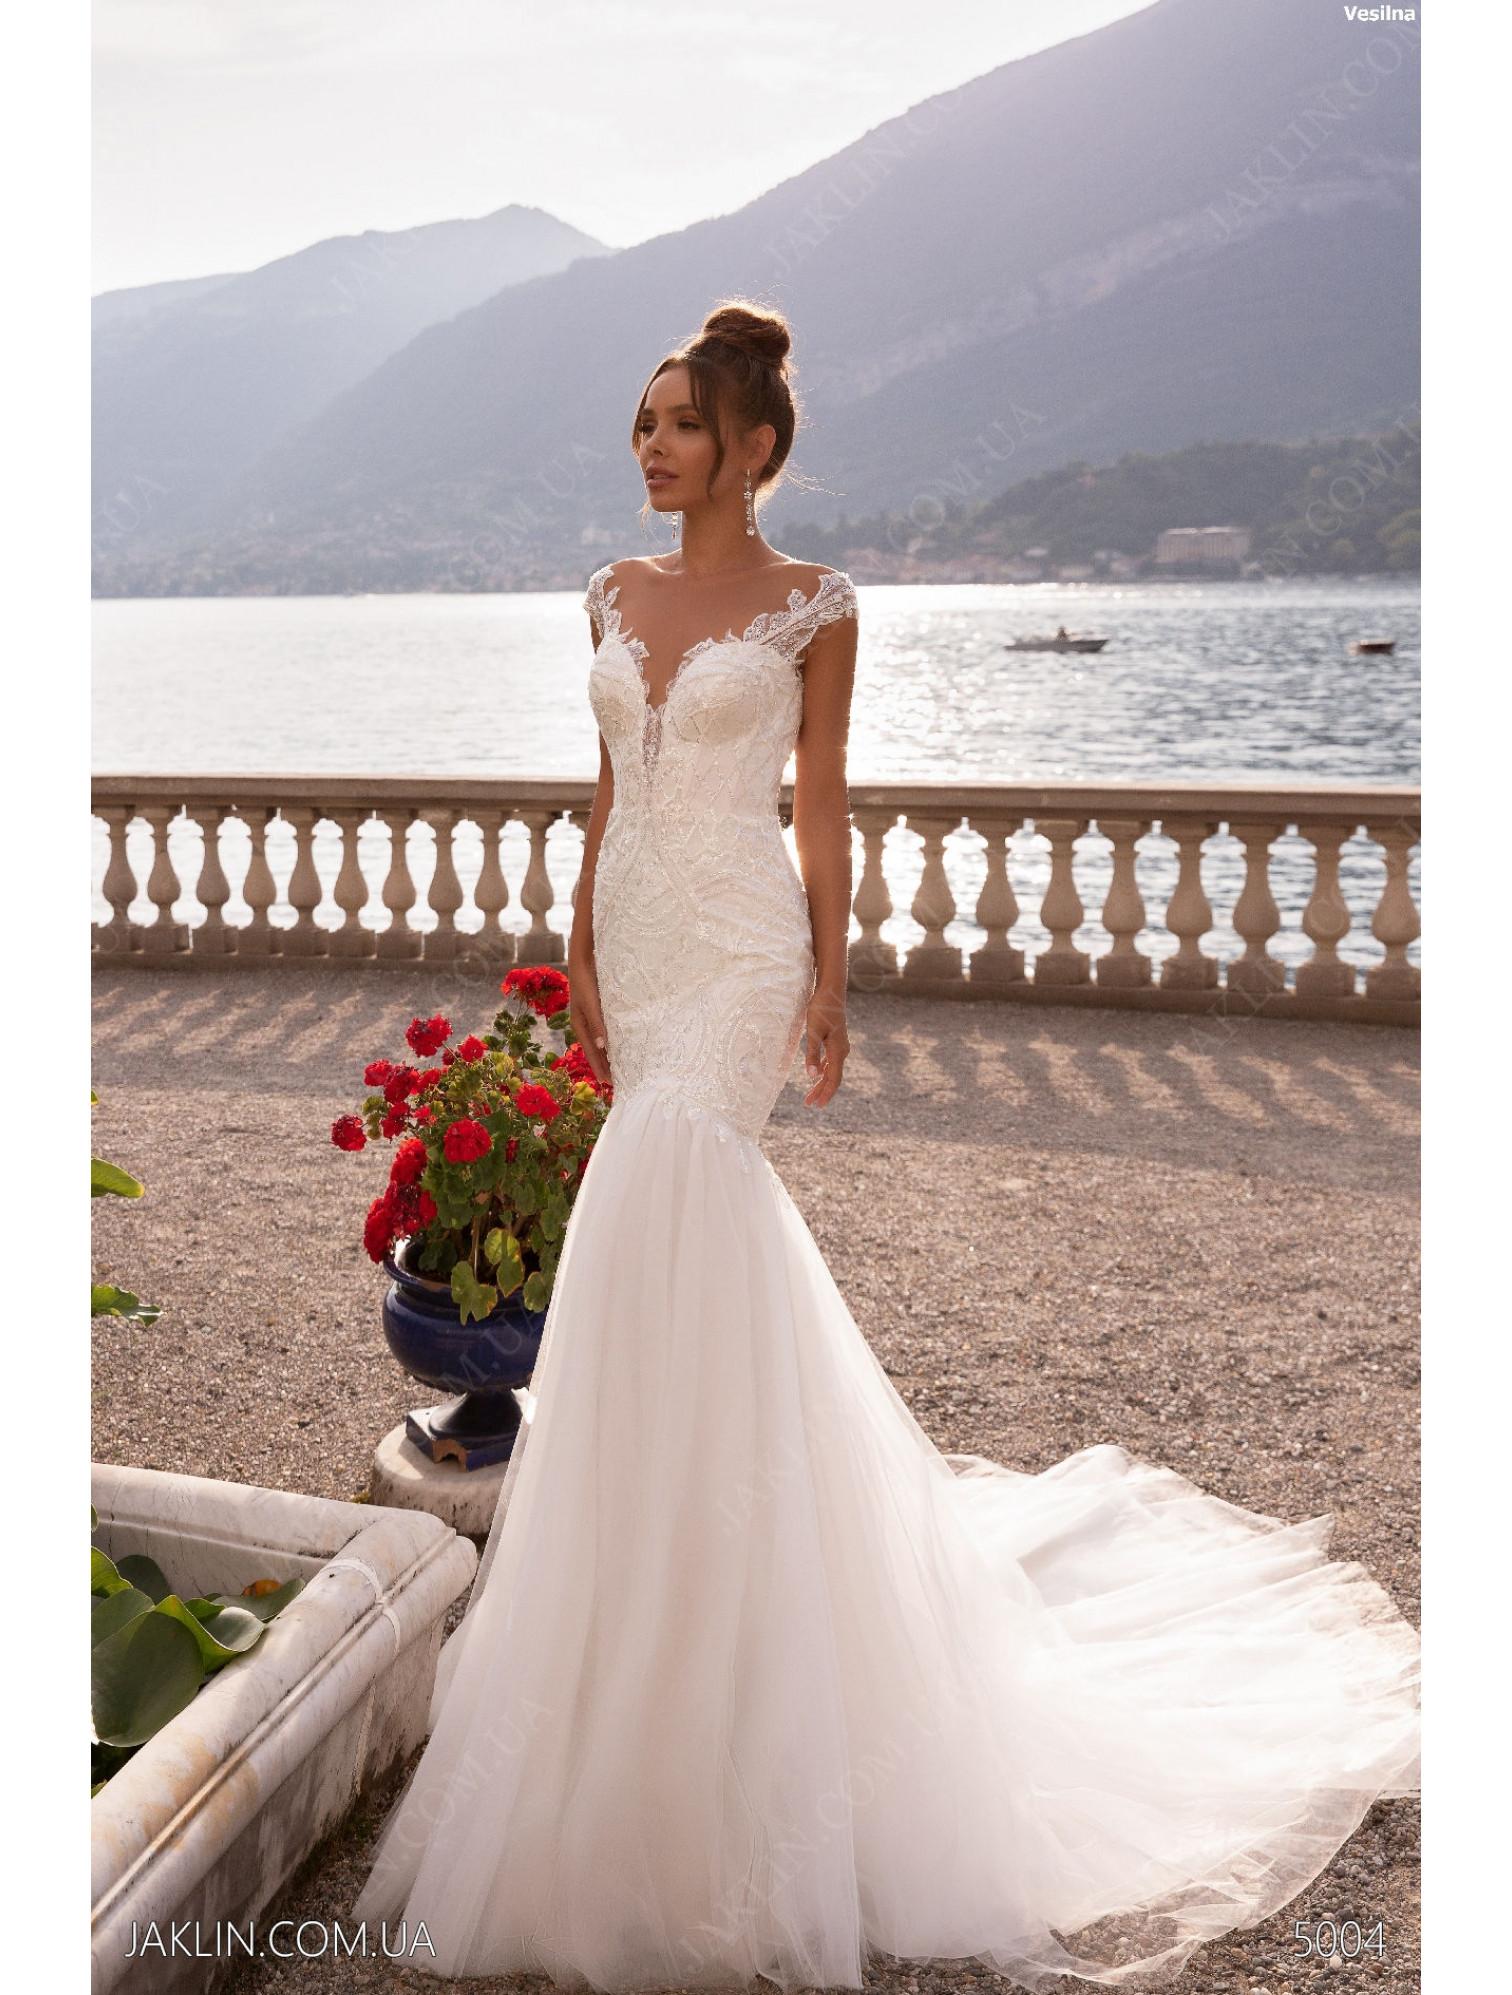 Весільна сукня 5004